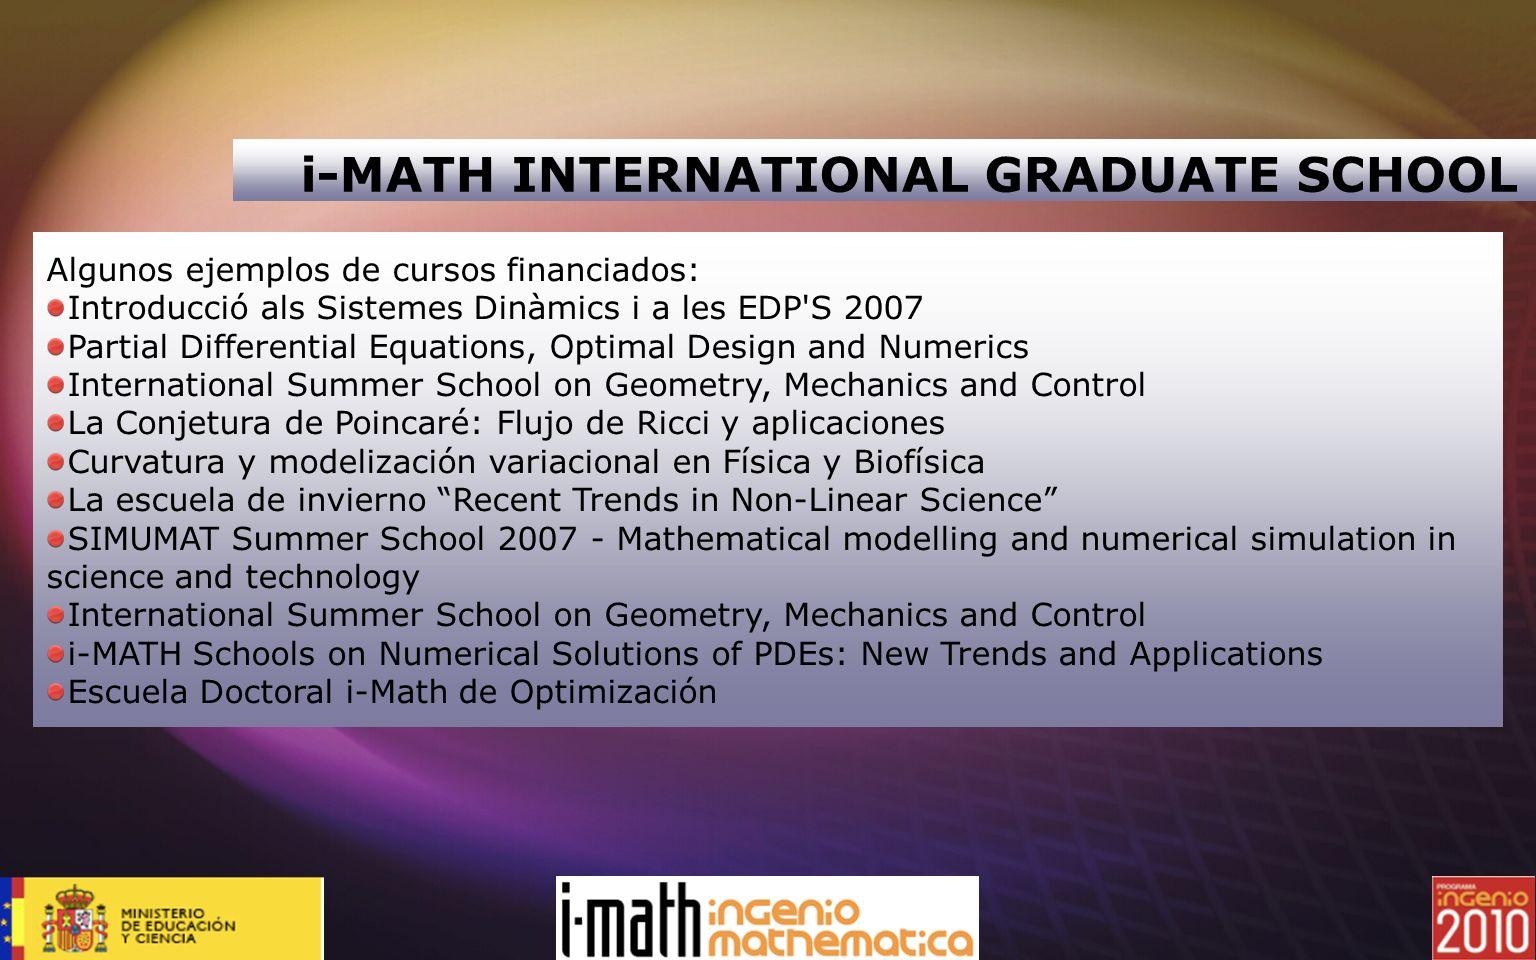 Algunos ejemplos de cursos financiados: Introducció als Sistemes Dinàmics i a les EDP'S 2007 Partial Differential Equations, Optimal Design and Numeri